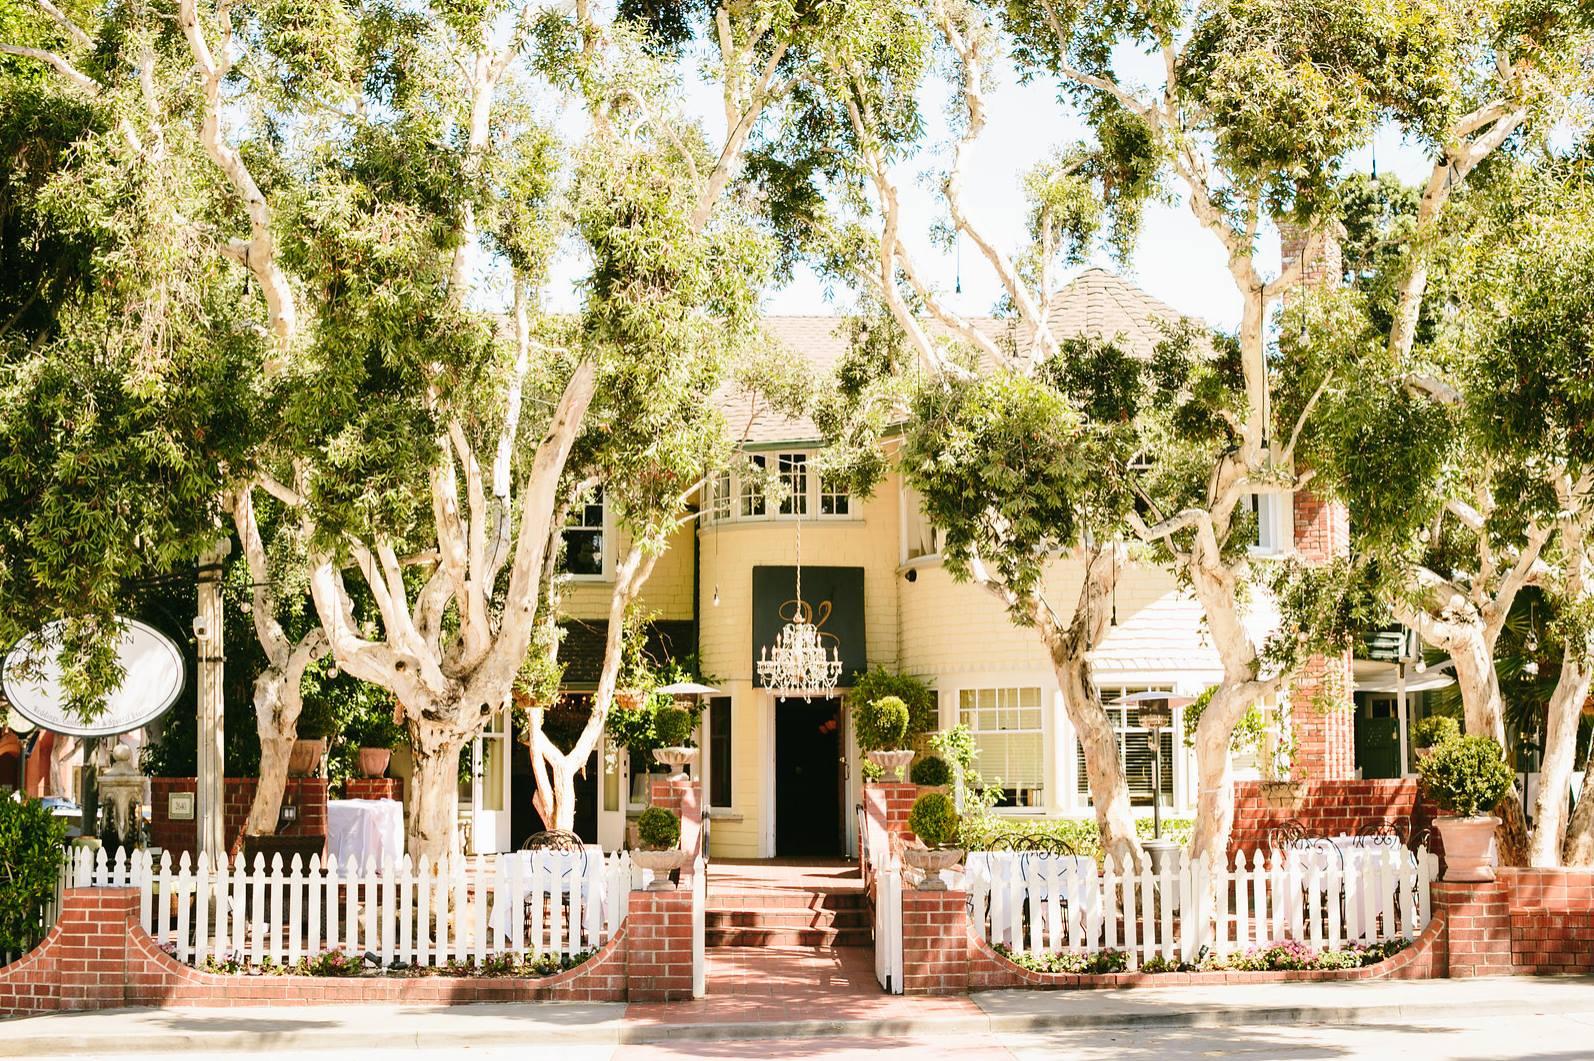 The Victorian Los Angeles Wedding Venue